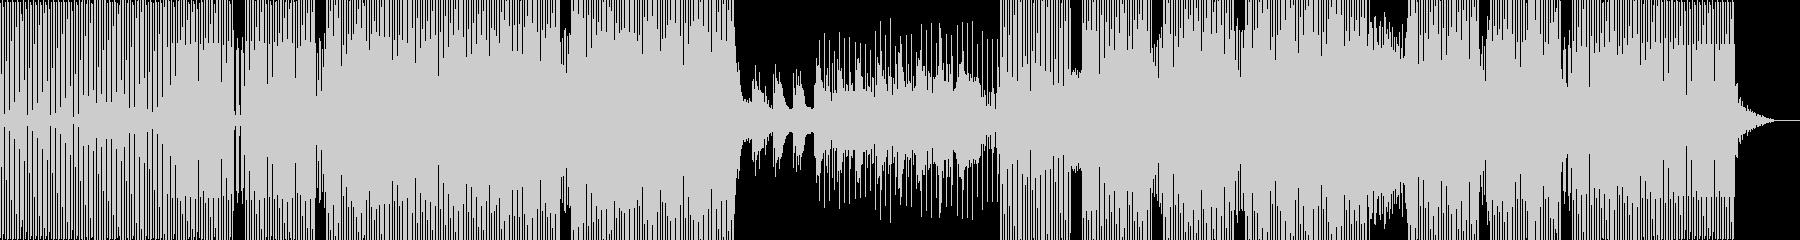 エアリー、オーケストラ、シンプル、簡単の未再生の波形